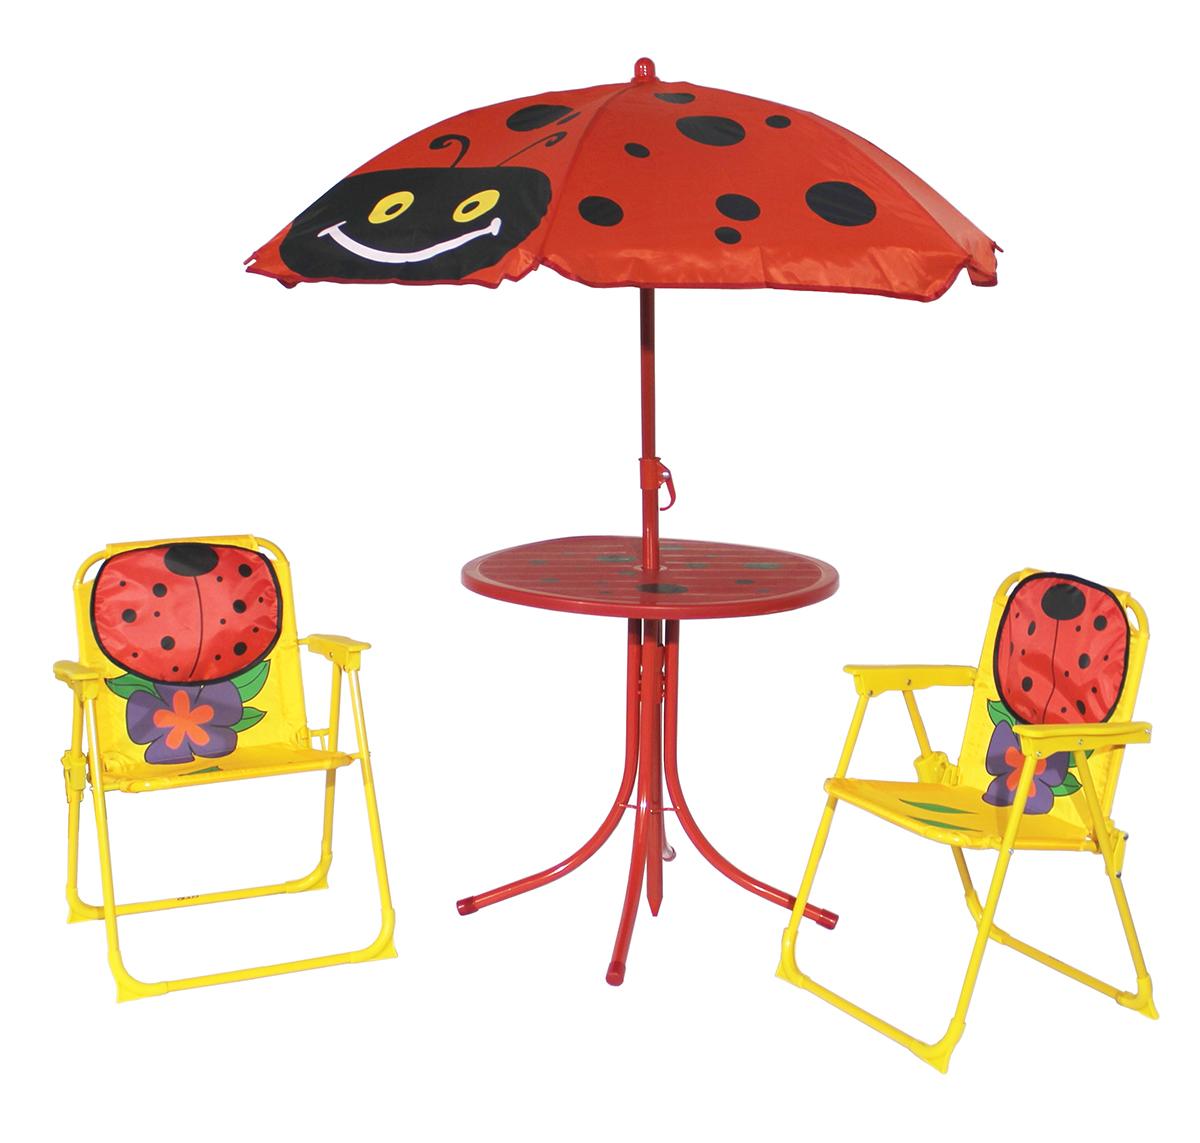 Kinder gartenm bel set 4 teilig klappst hle tisch sonnenschirm marienk fer garten terrasse - Kinder gartenmobel set ...